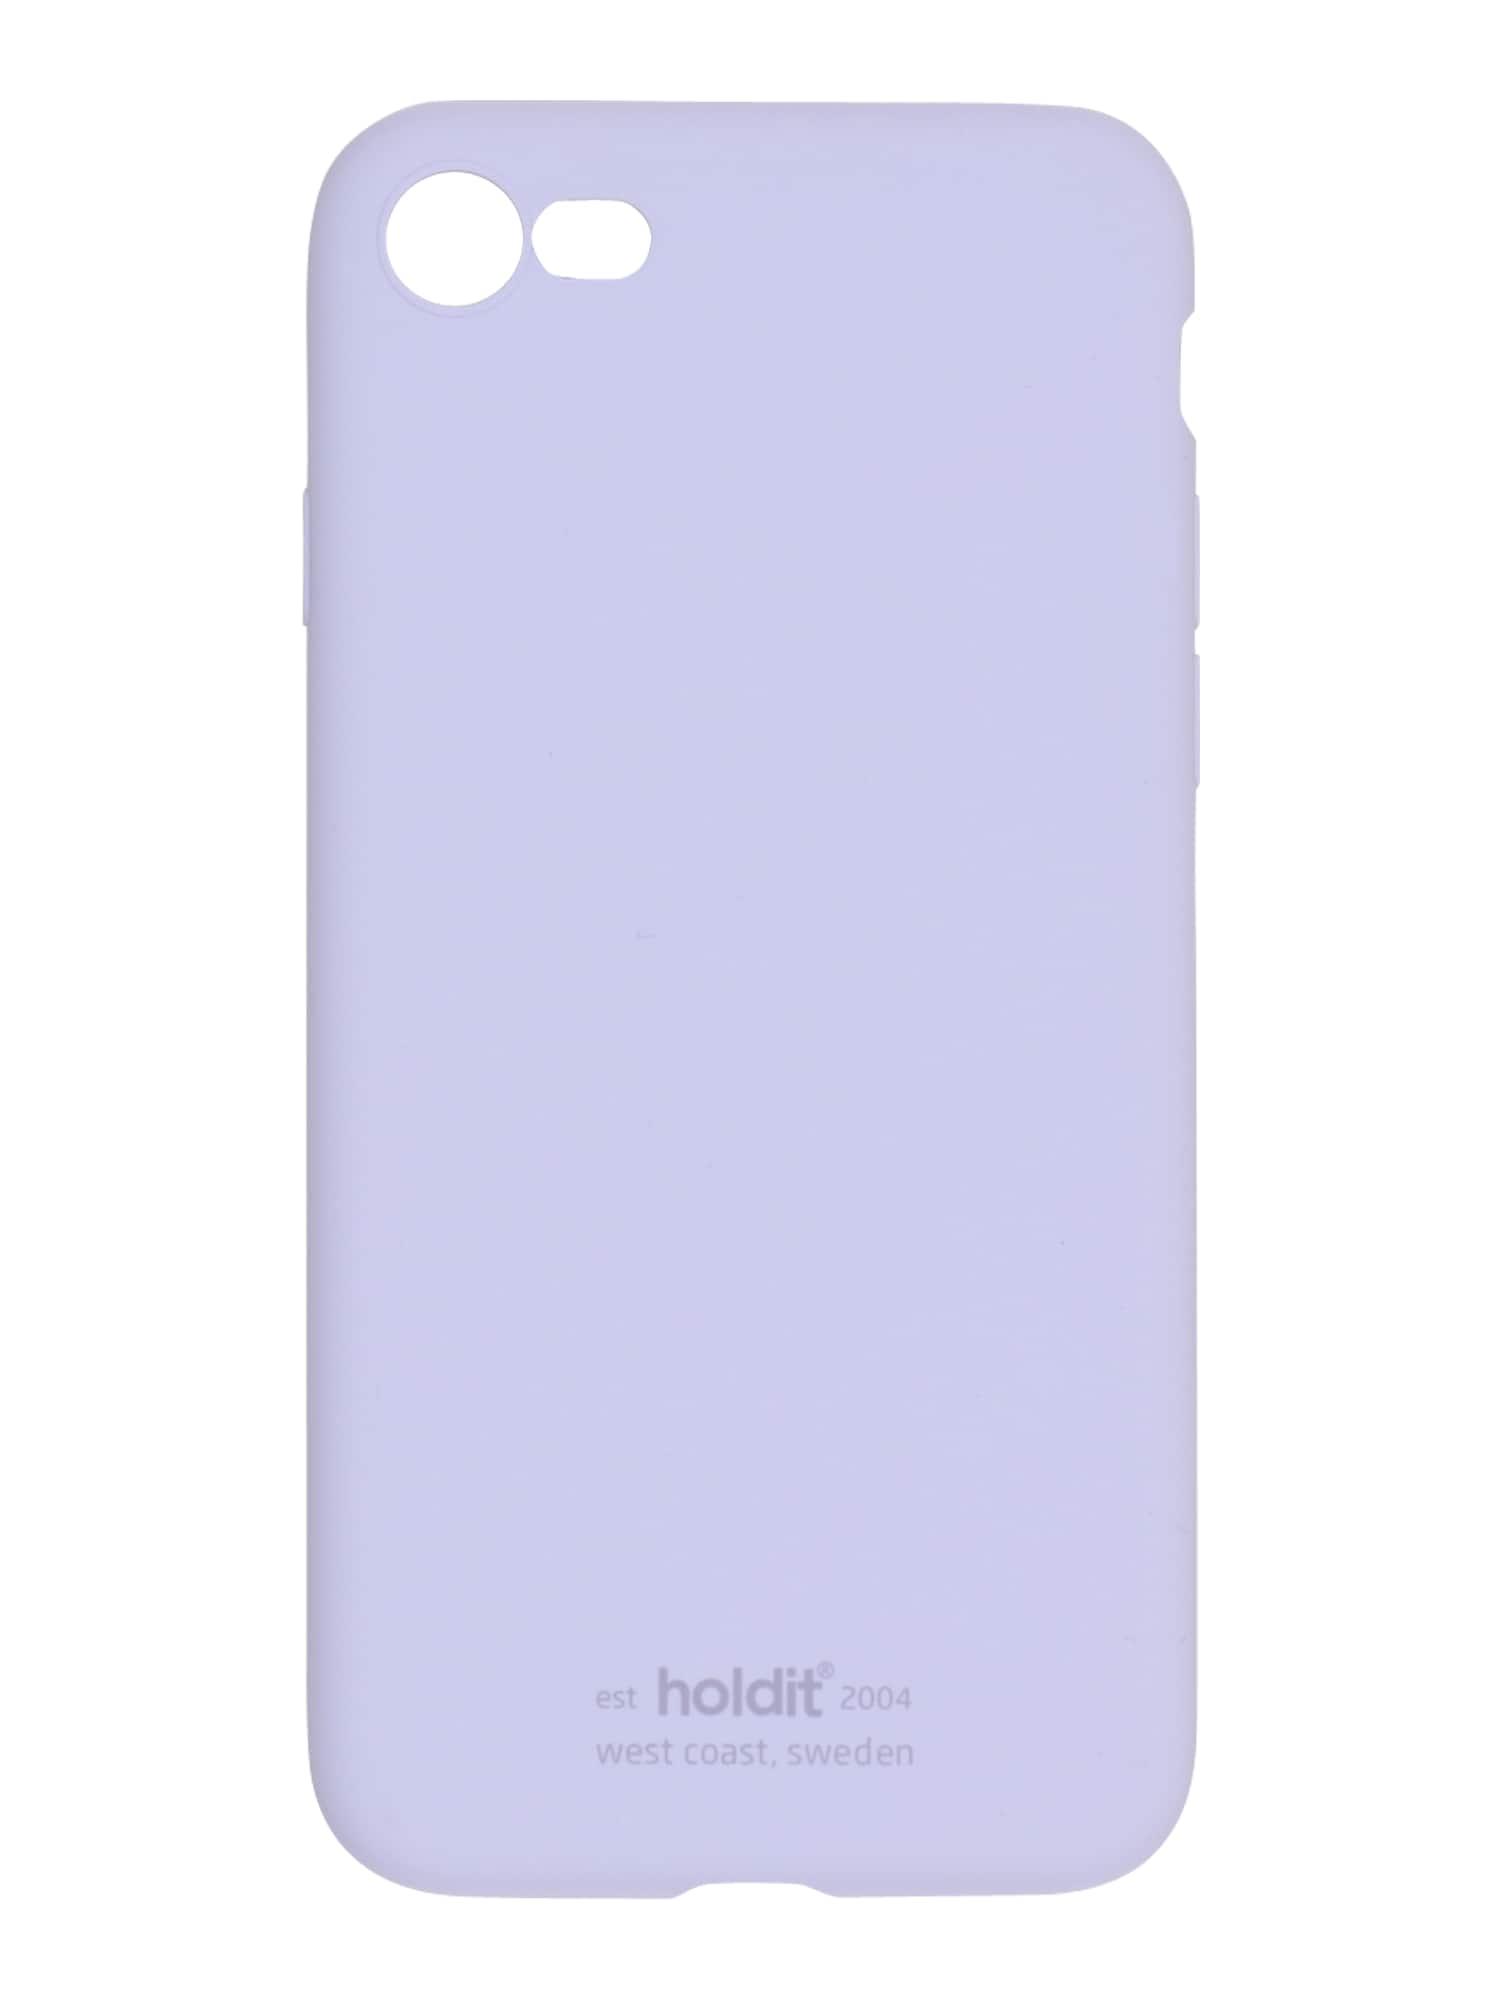 Holdit Išmaniojo telefono dėklas rausvai violetinė spalva